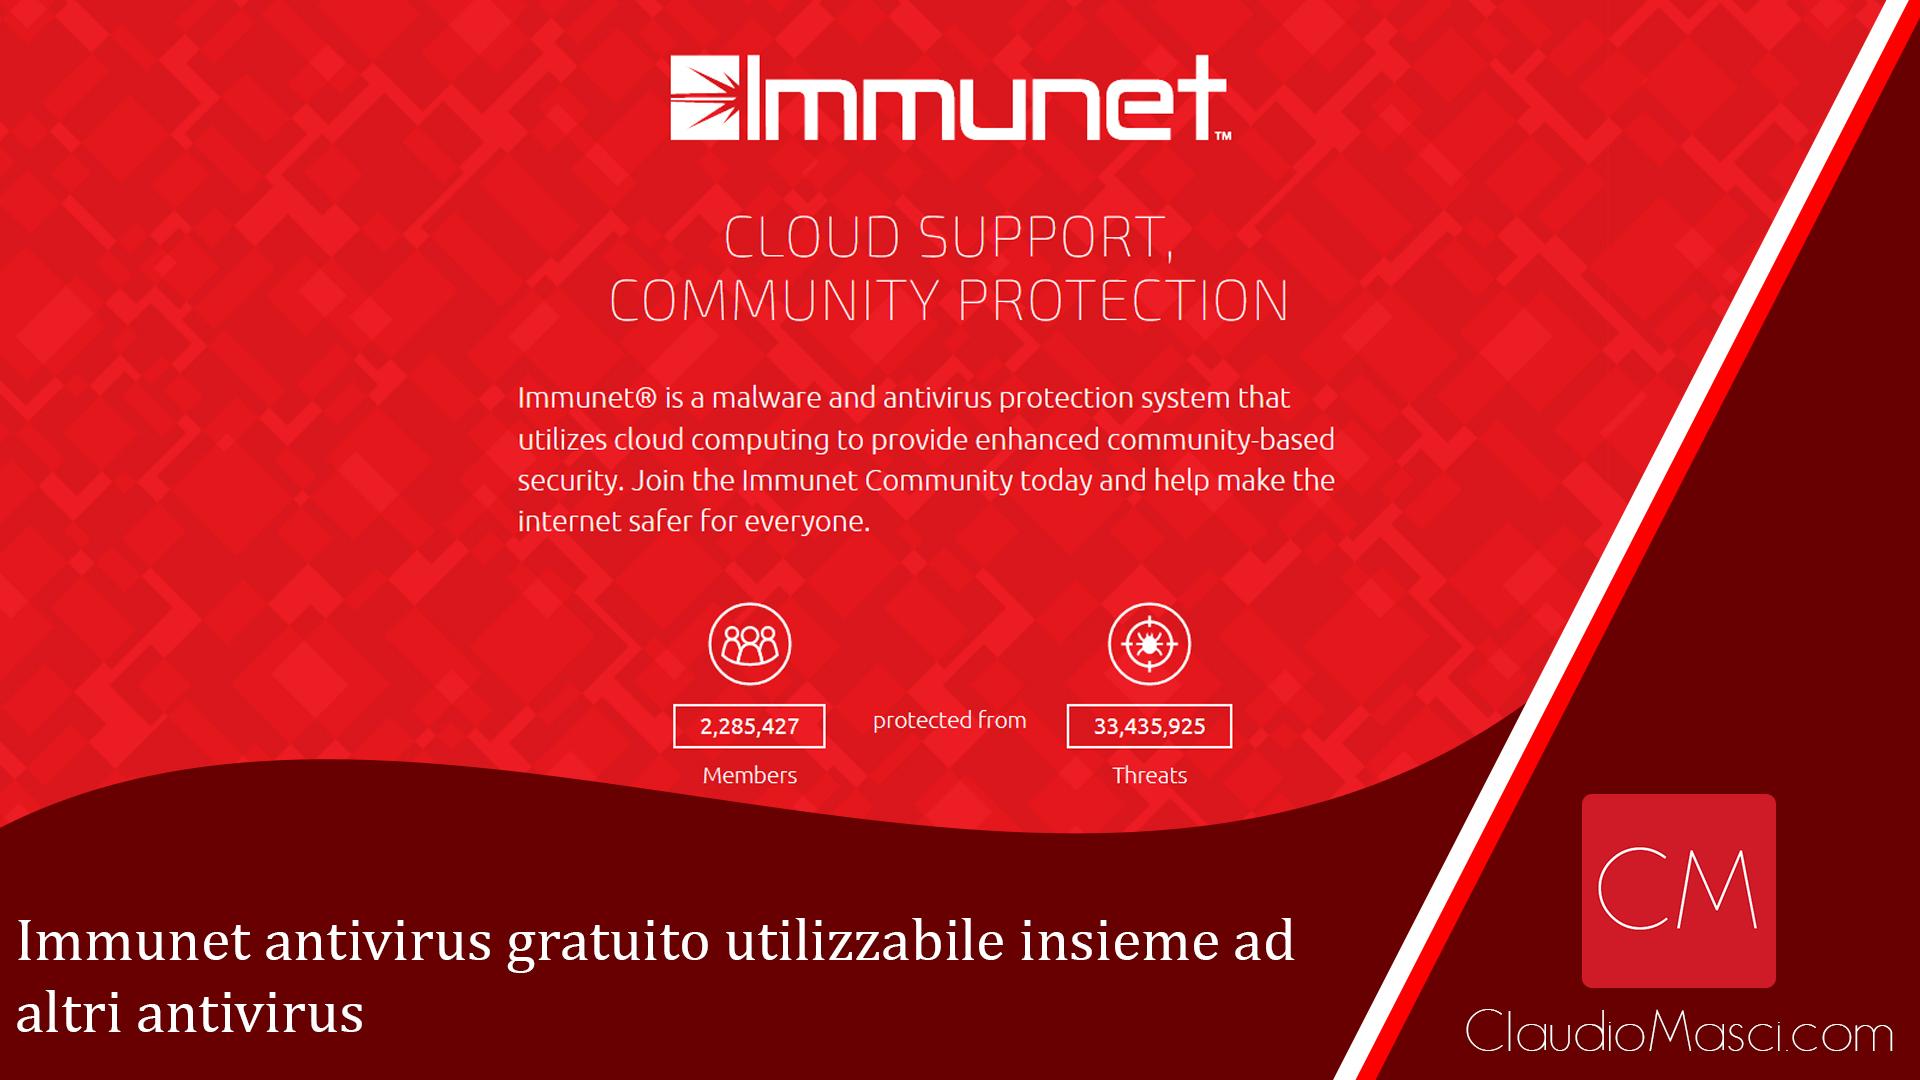 Immunet antivirus gratuito utilizzabile insieme ad altri antivirus